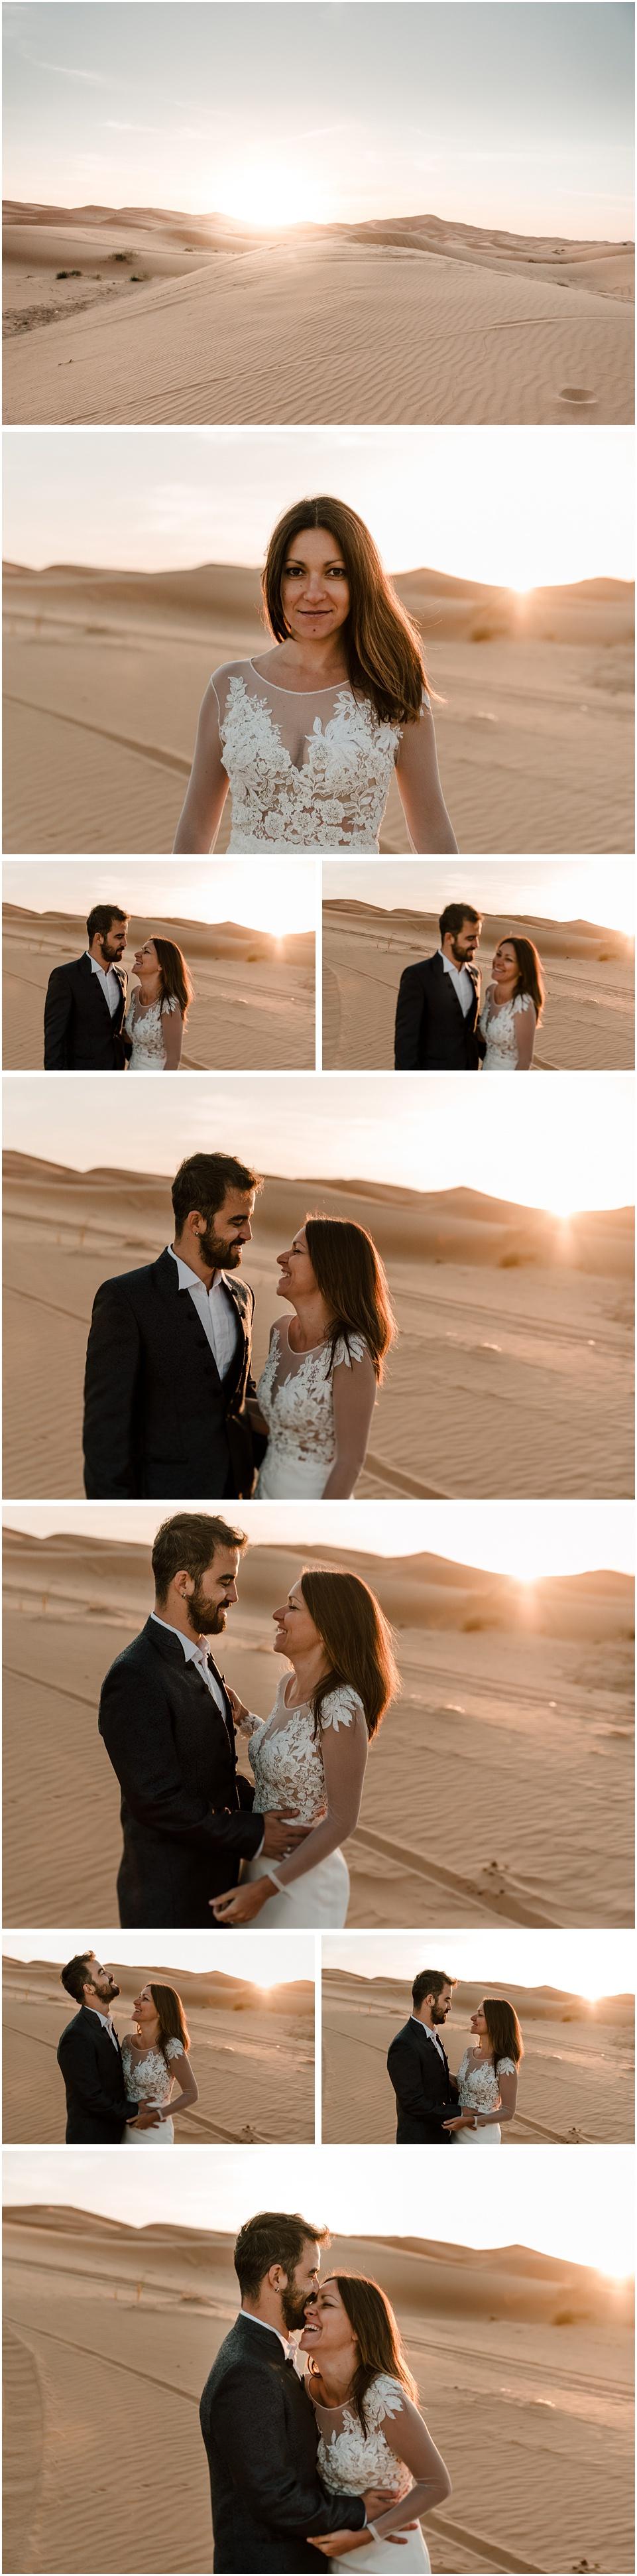 unos novios en el desierto del sáhara